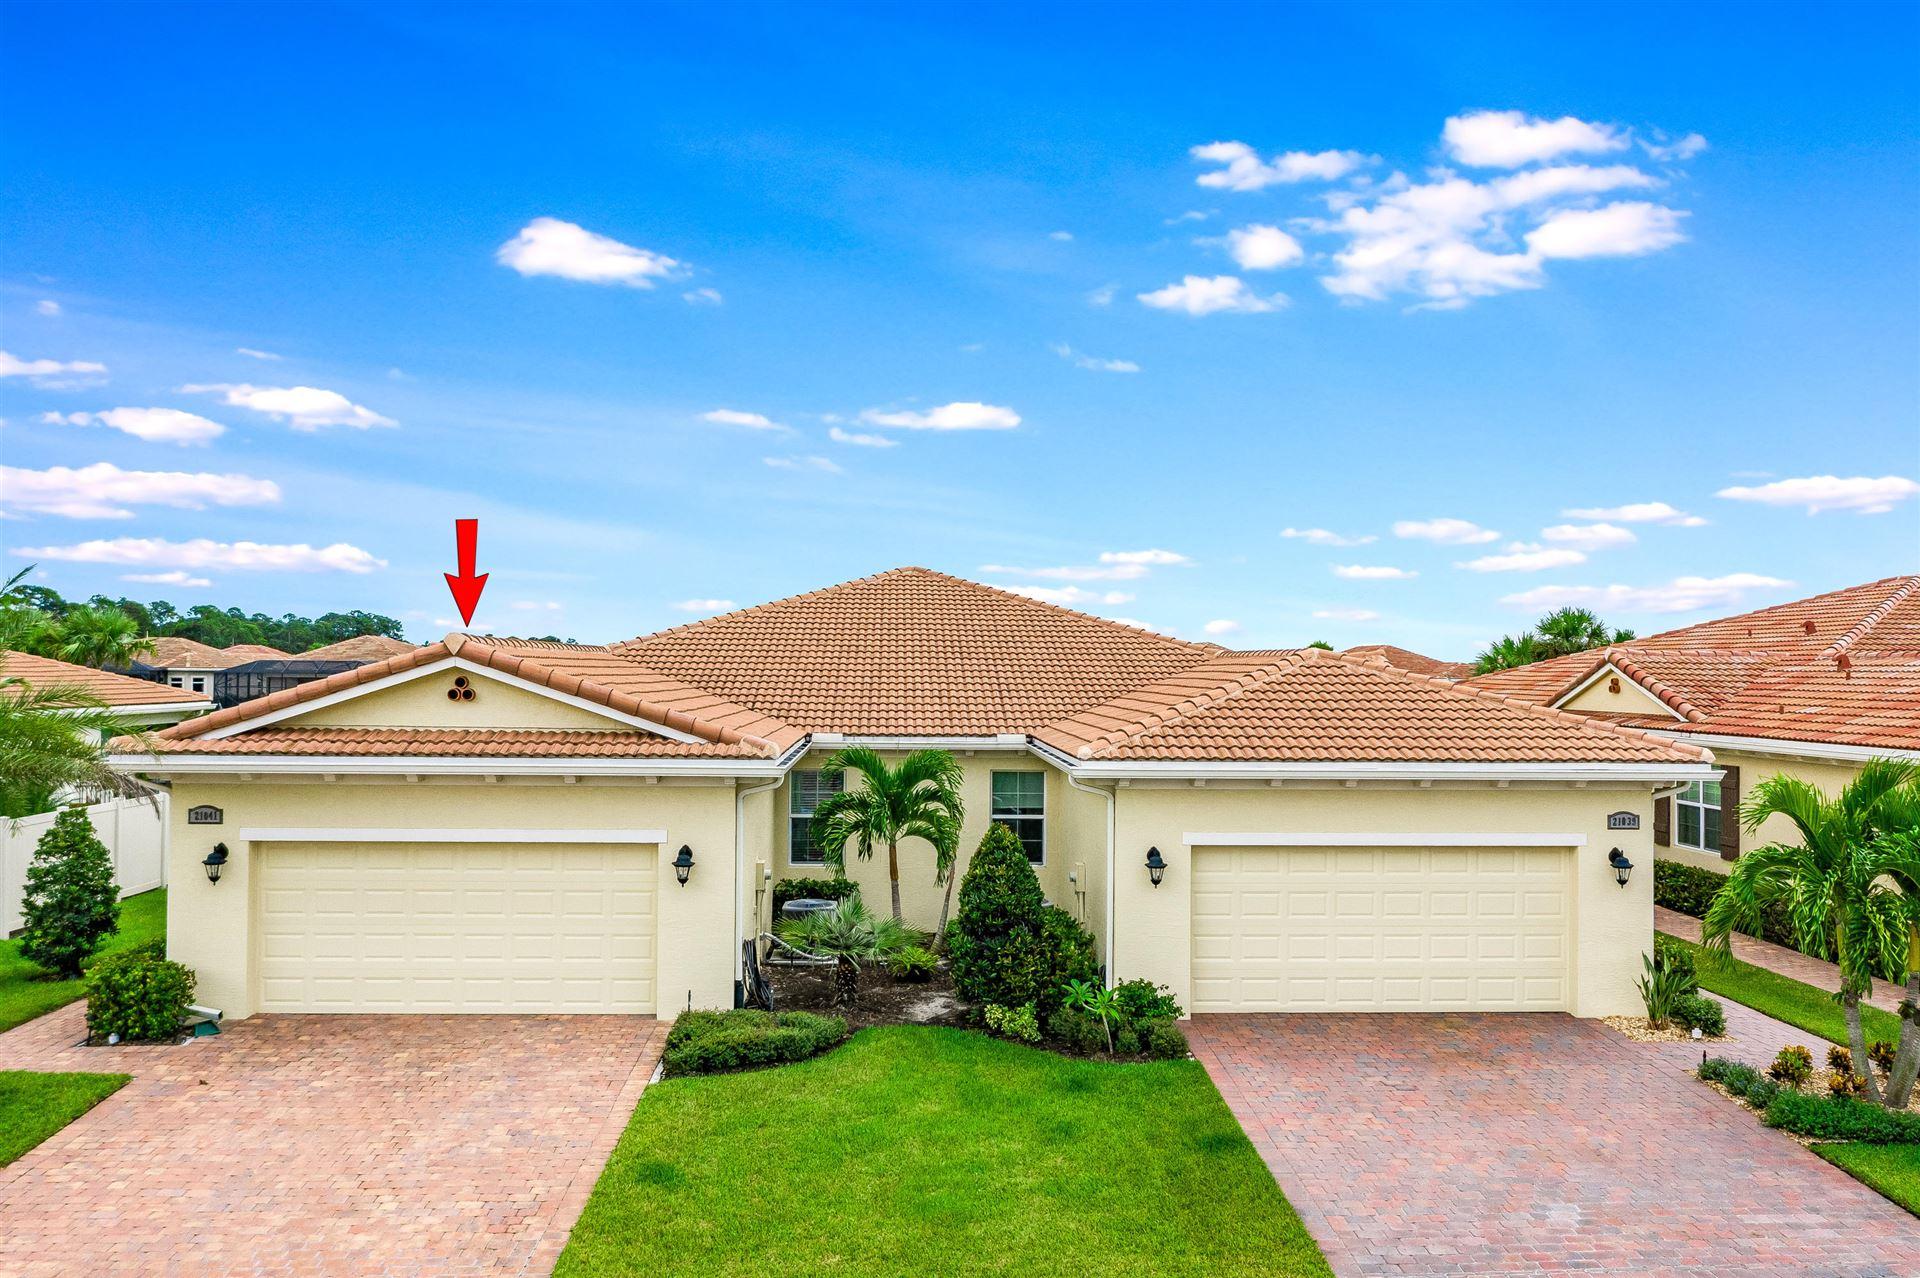 Photo of 21041 SW Modena Way, Port Saint Lucie, FL 34986 (MLS # RX-10659677)